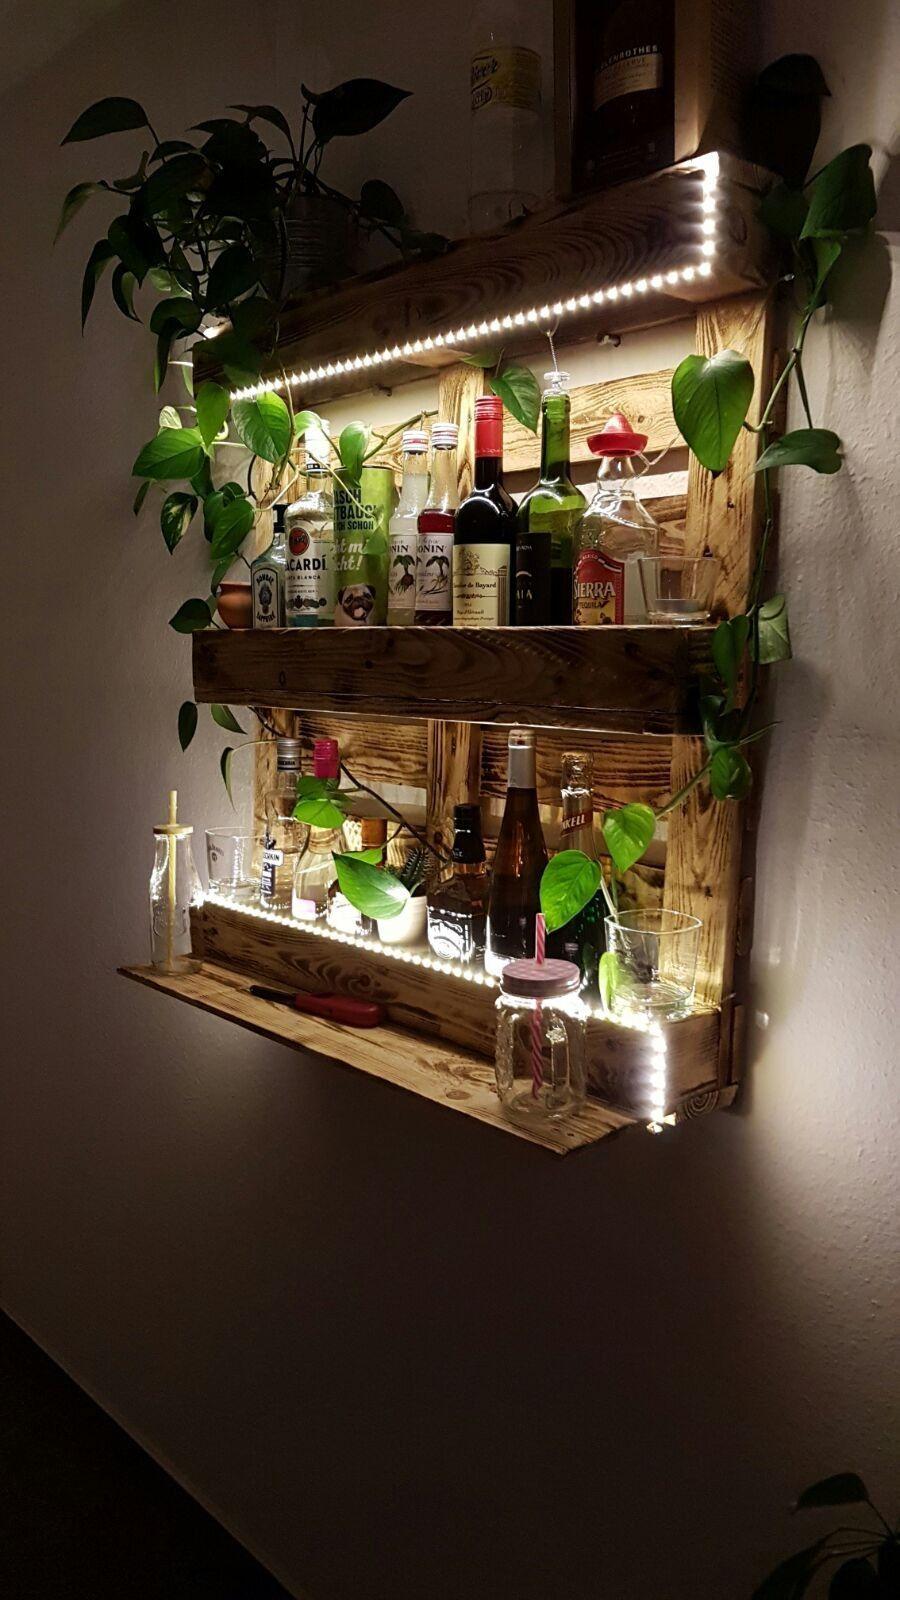 Wunderbar Paletten Design Dekoration Von Palettenregal, Bar Aus Paletten, Mit Led Beleuchtung,